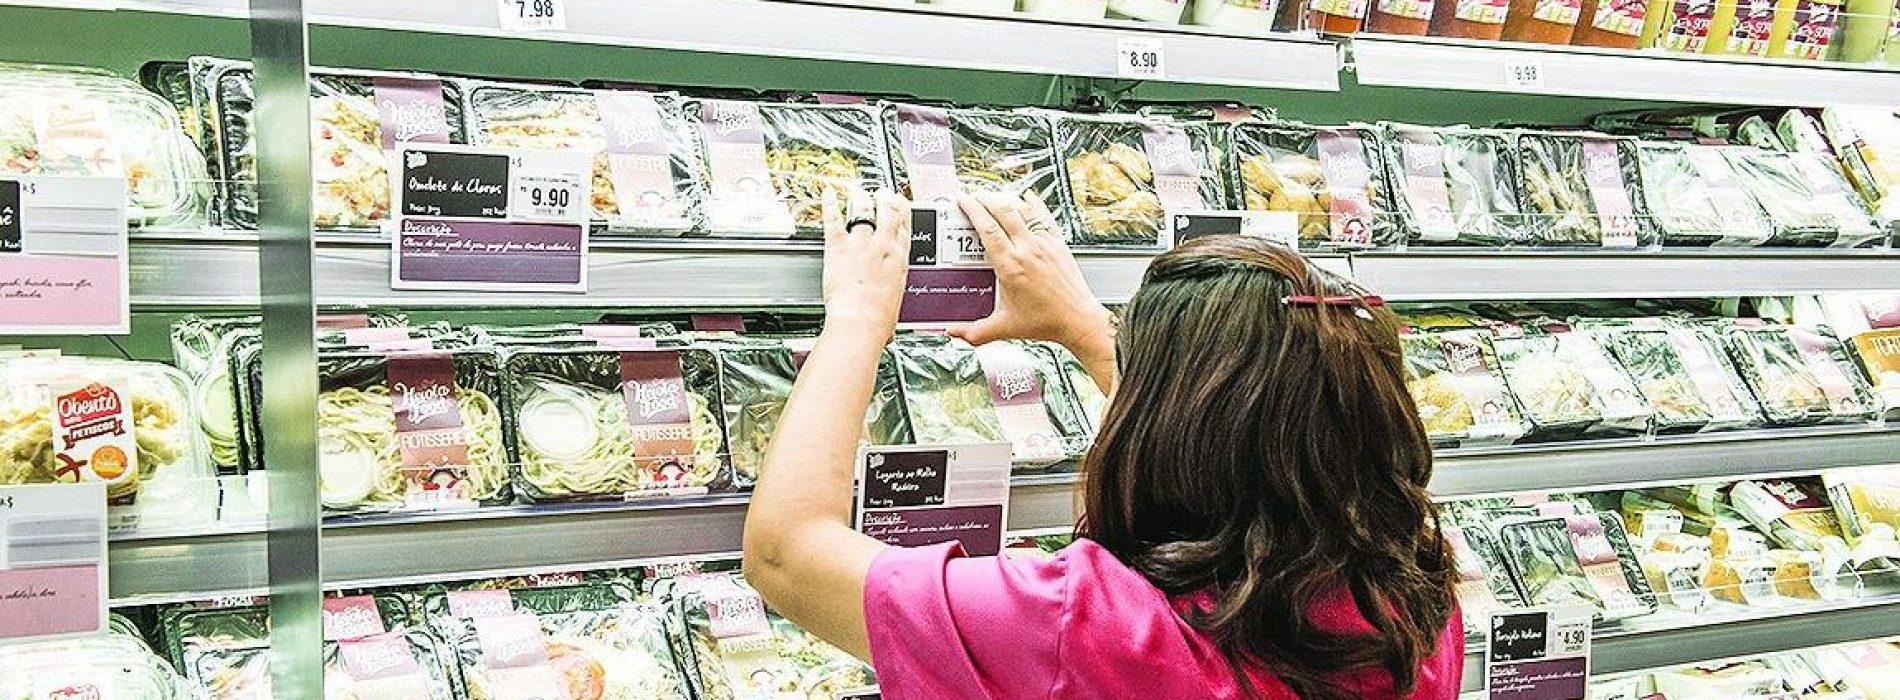 Refeições prontas no supermercado ganham apelo saudável e até gourmet